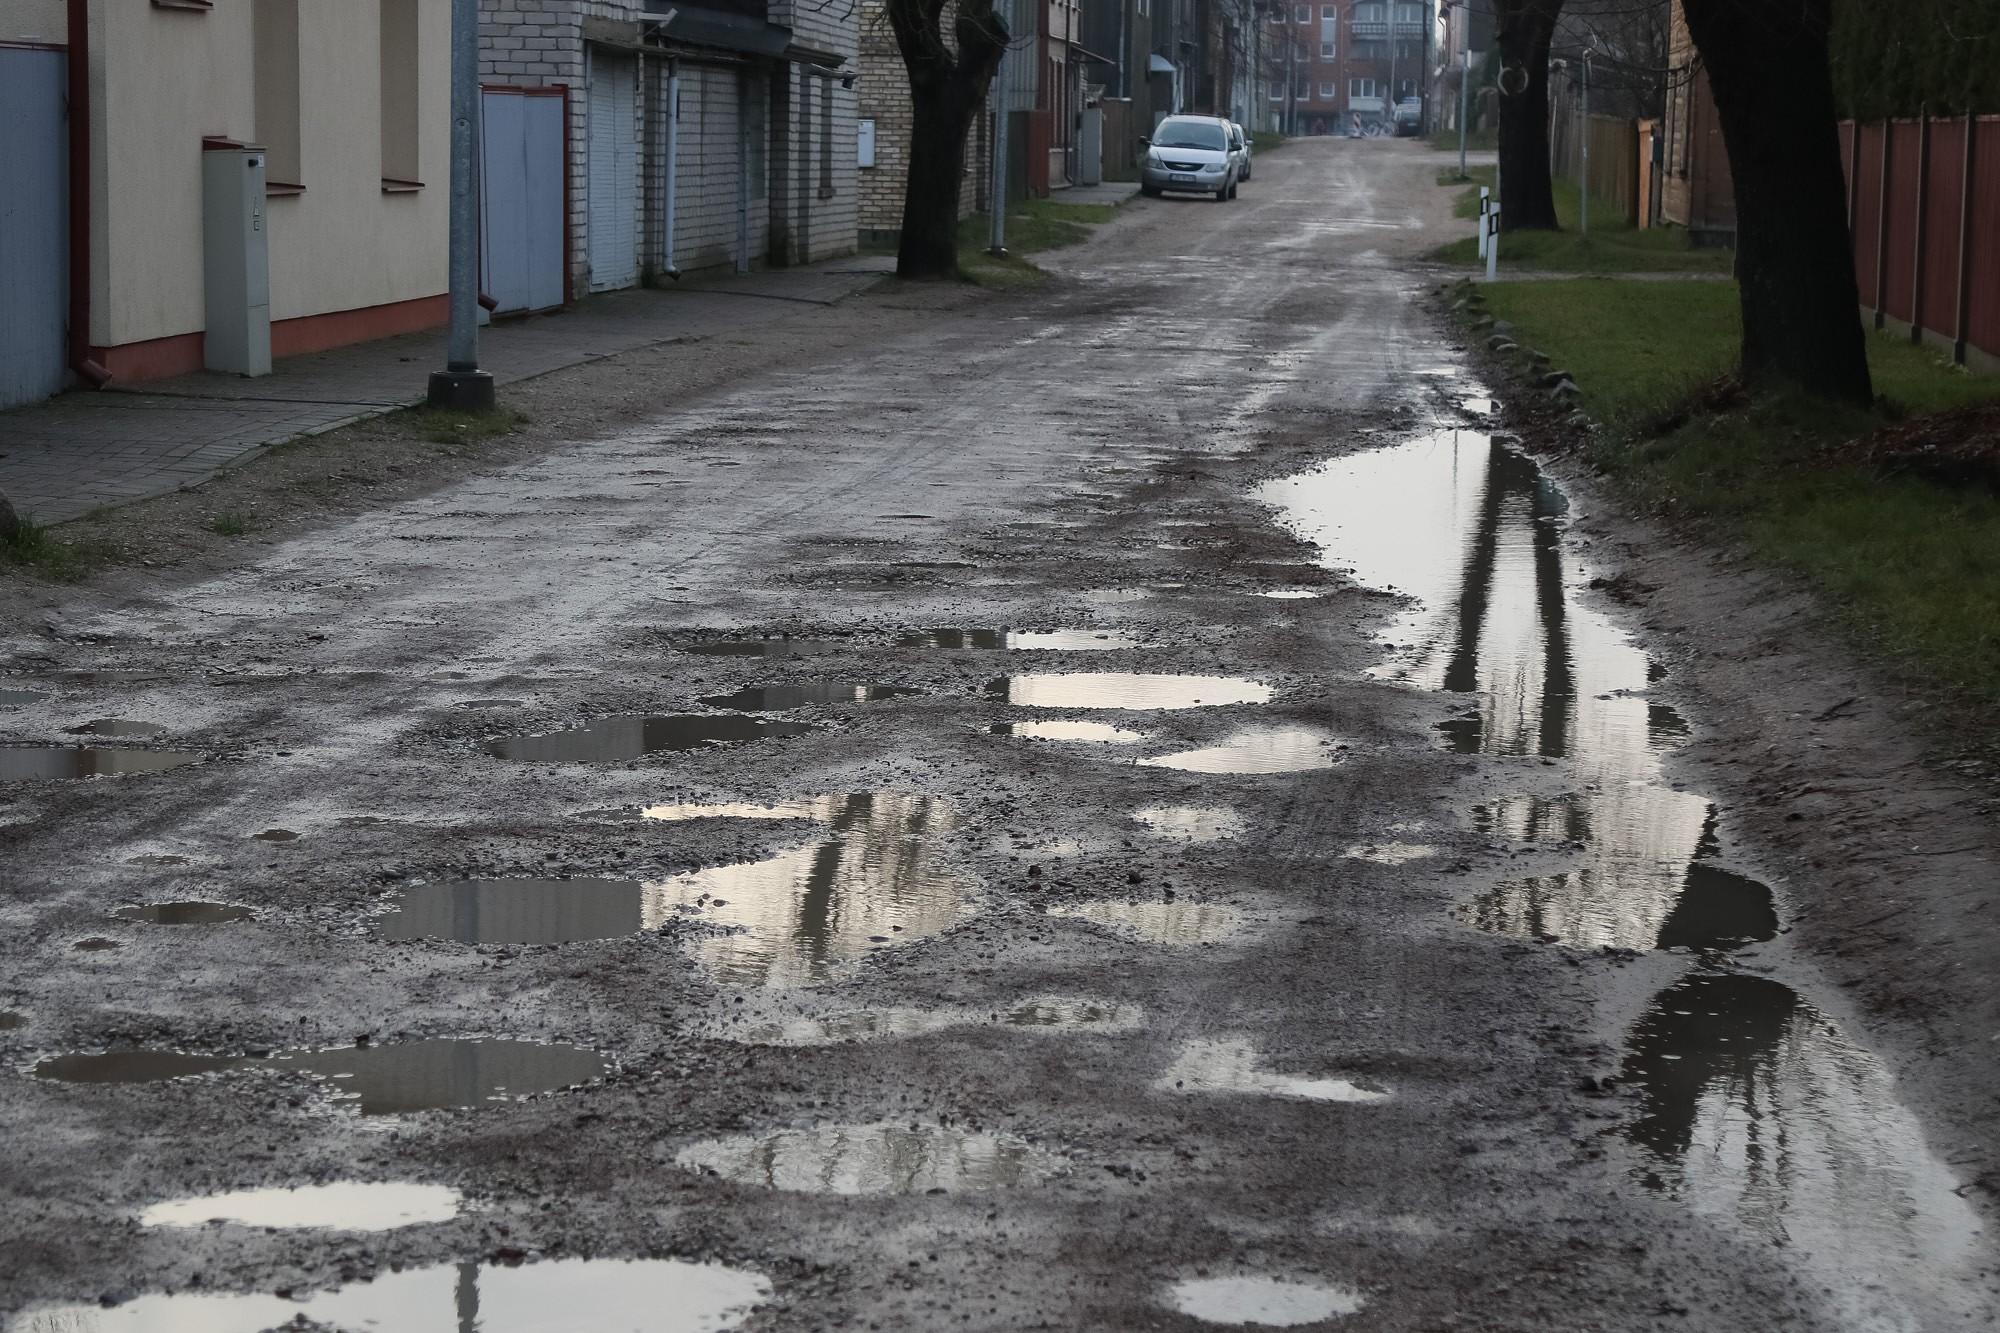 Ilgstošā lietus dēļ grants ielas ir kritiskā stāvoklī